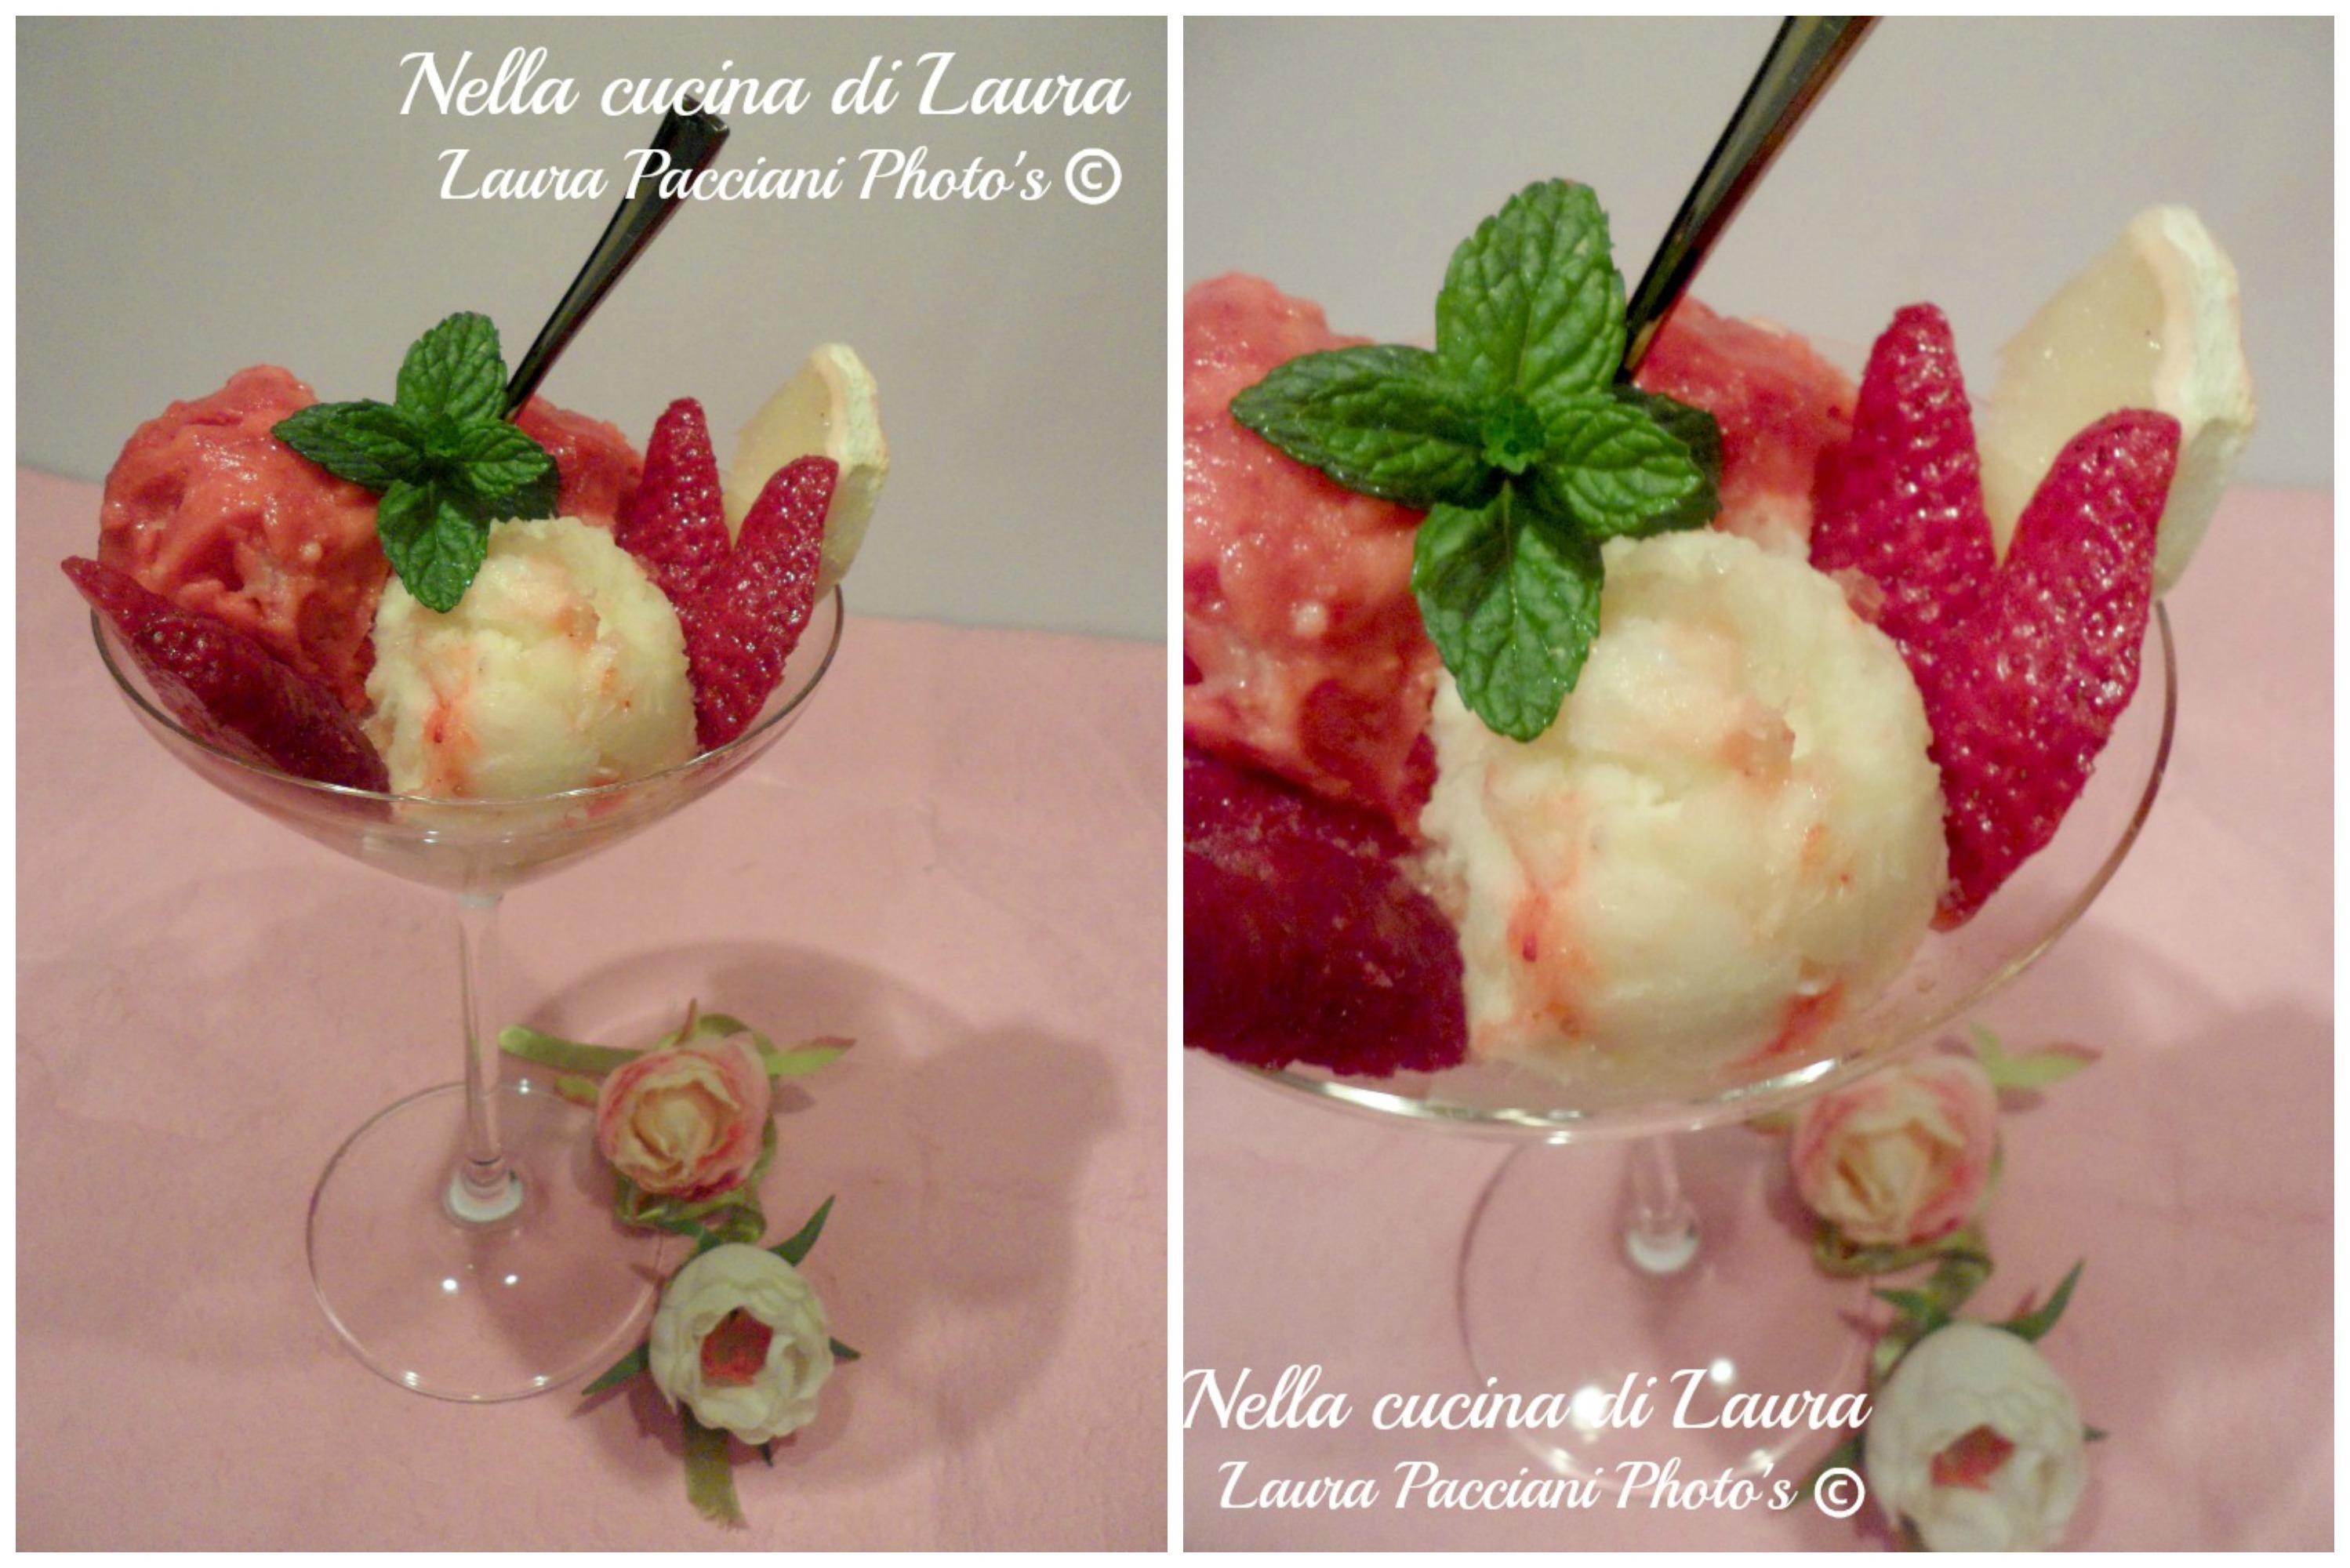 gelato light fragola e limone - nella cucina di laura